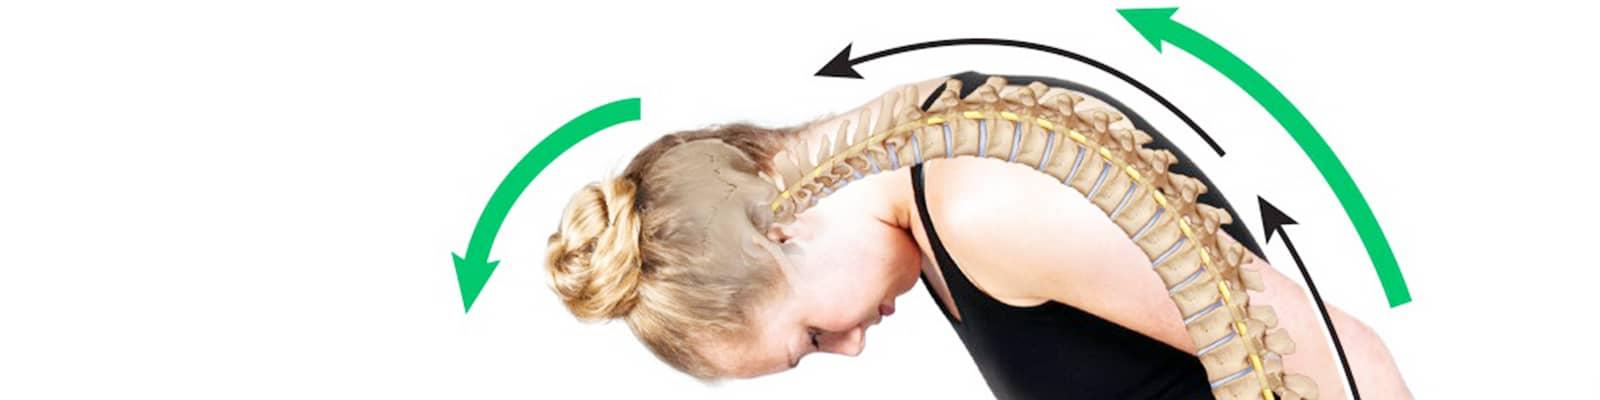 Movilización del sistema nervioso - Ejercicios neurodinámicos